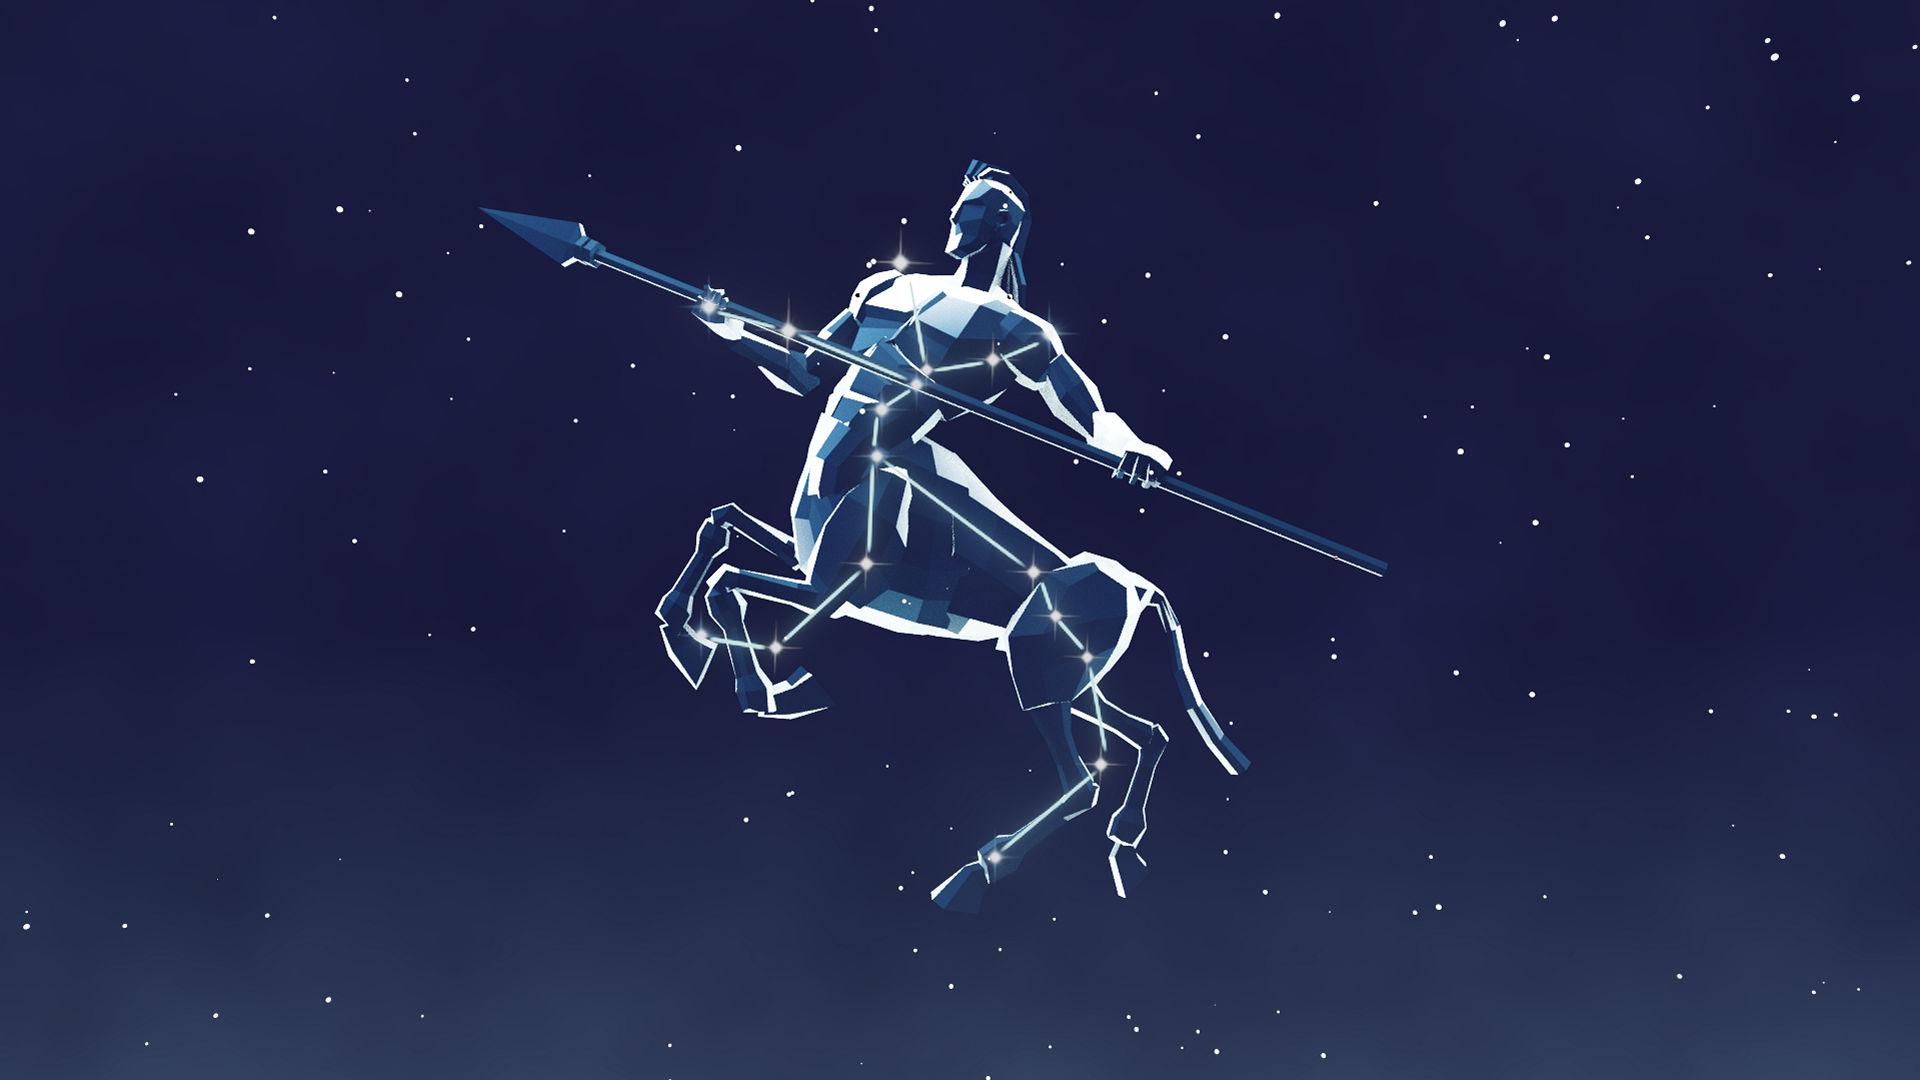 ¡Adivina la constelación!